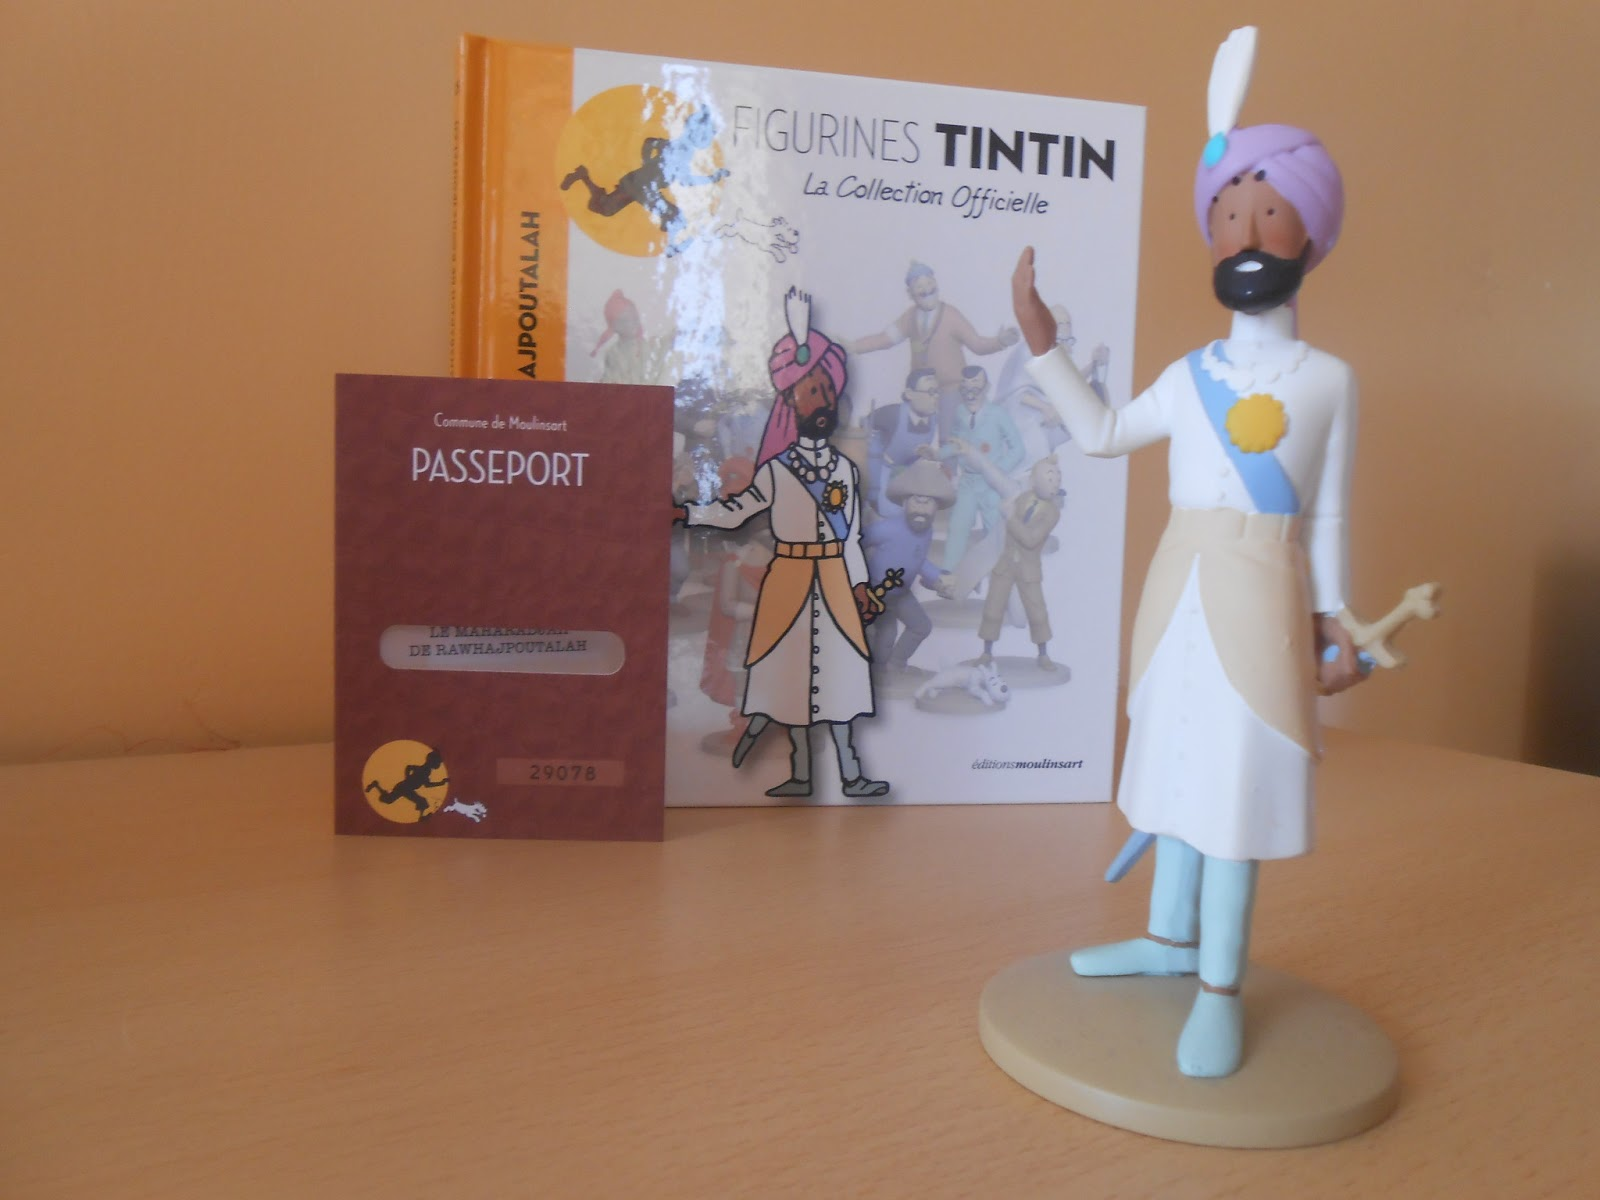 Collection officielle figurine Tintin Moulinsart 25 Maharadjah de Rawhajpoutalah